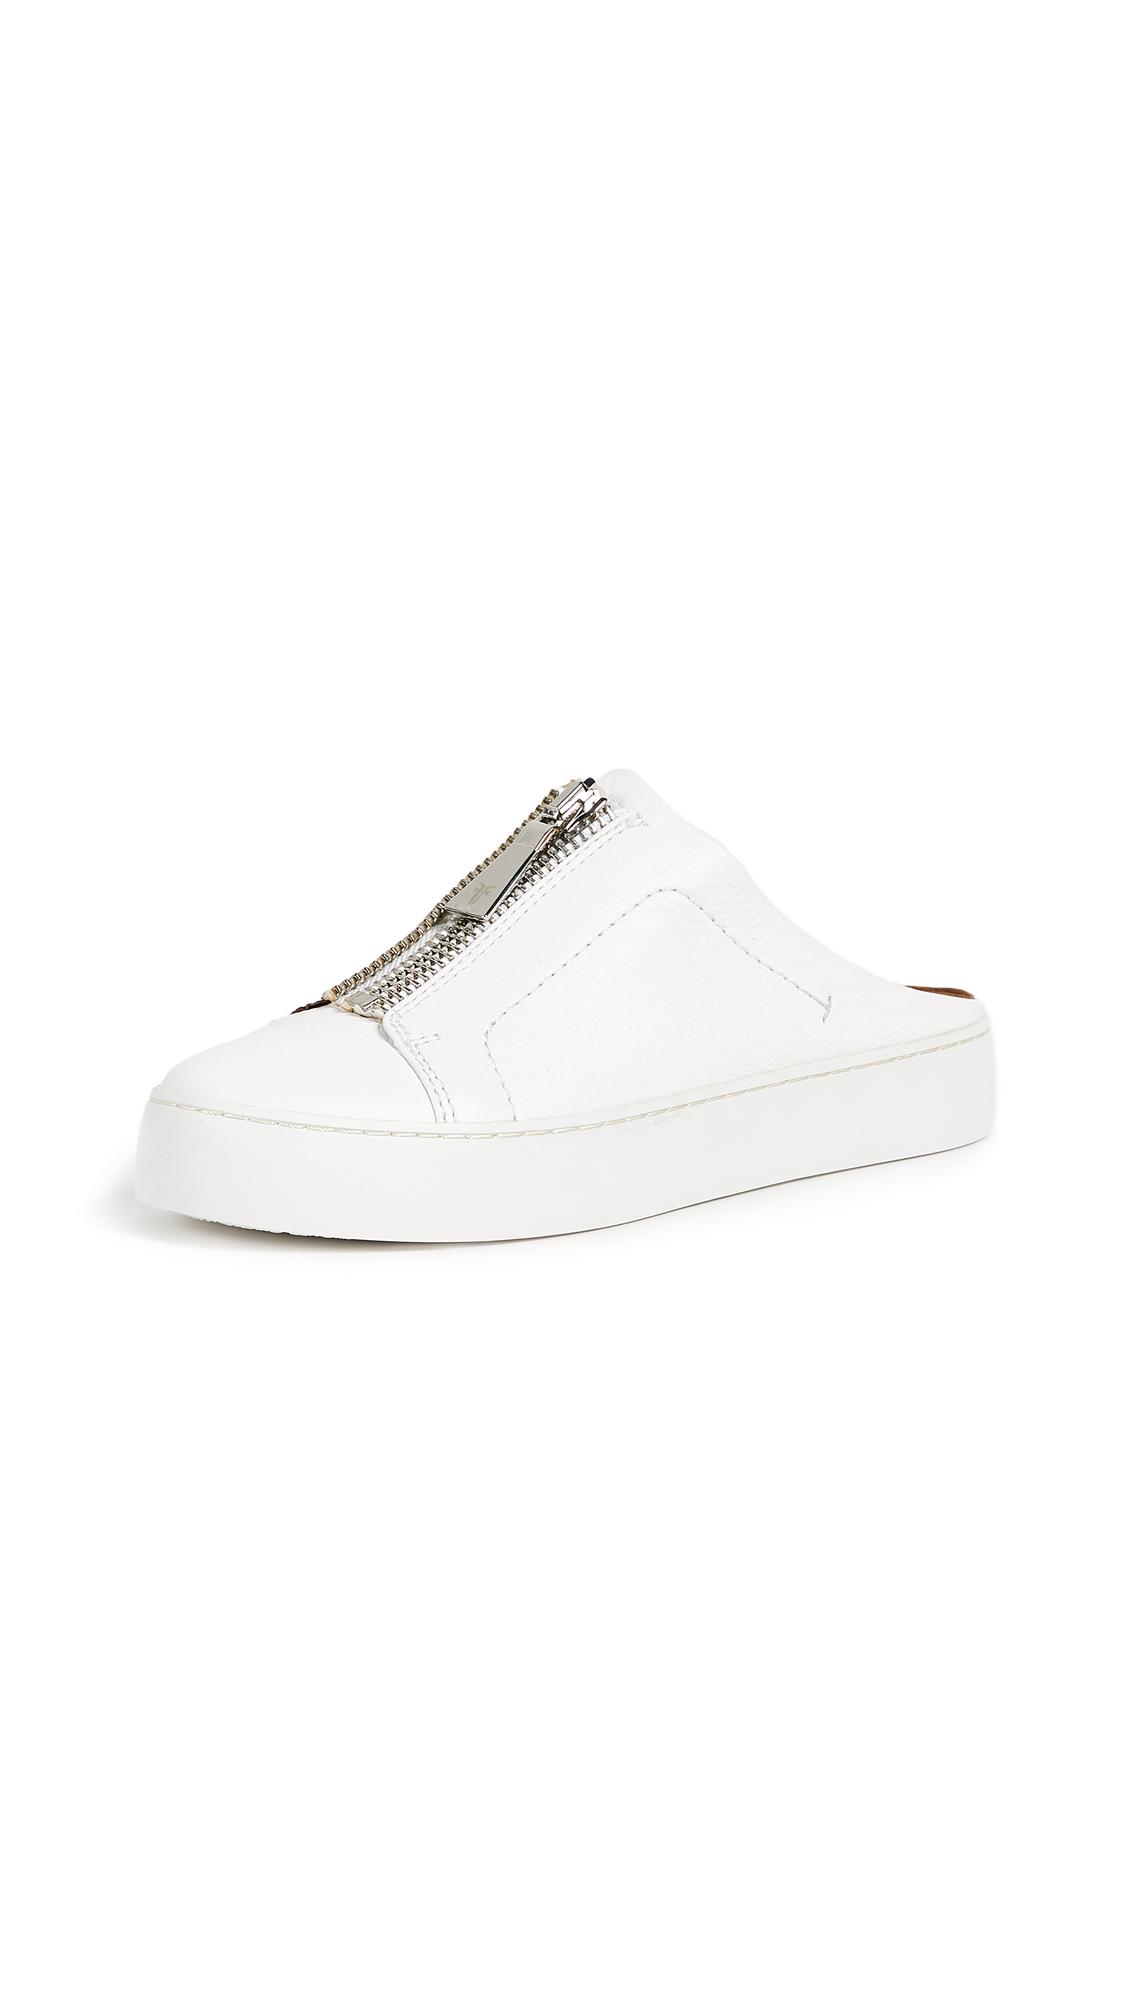 Frye Lena Zip Mule Sneakers - White